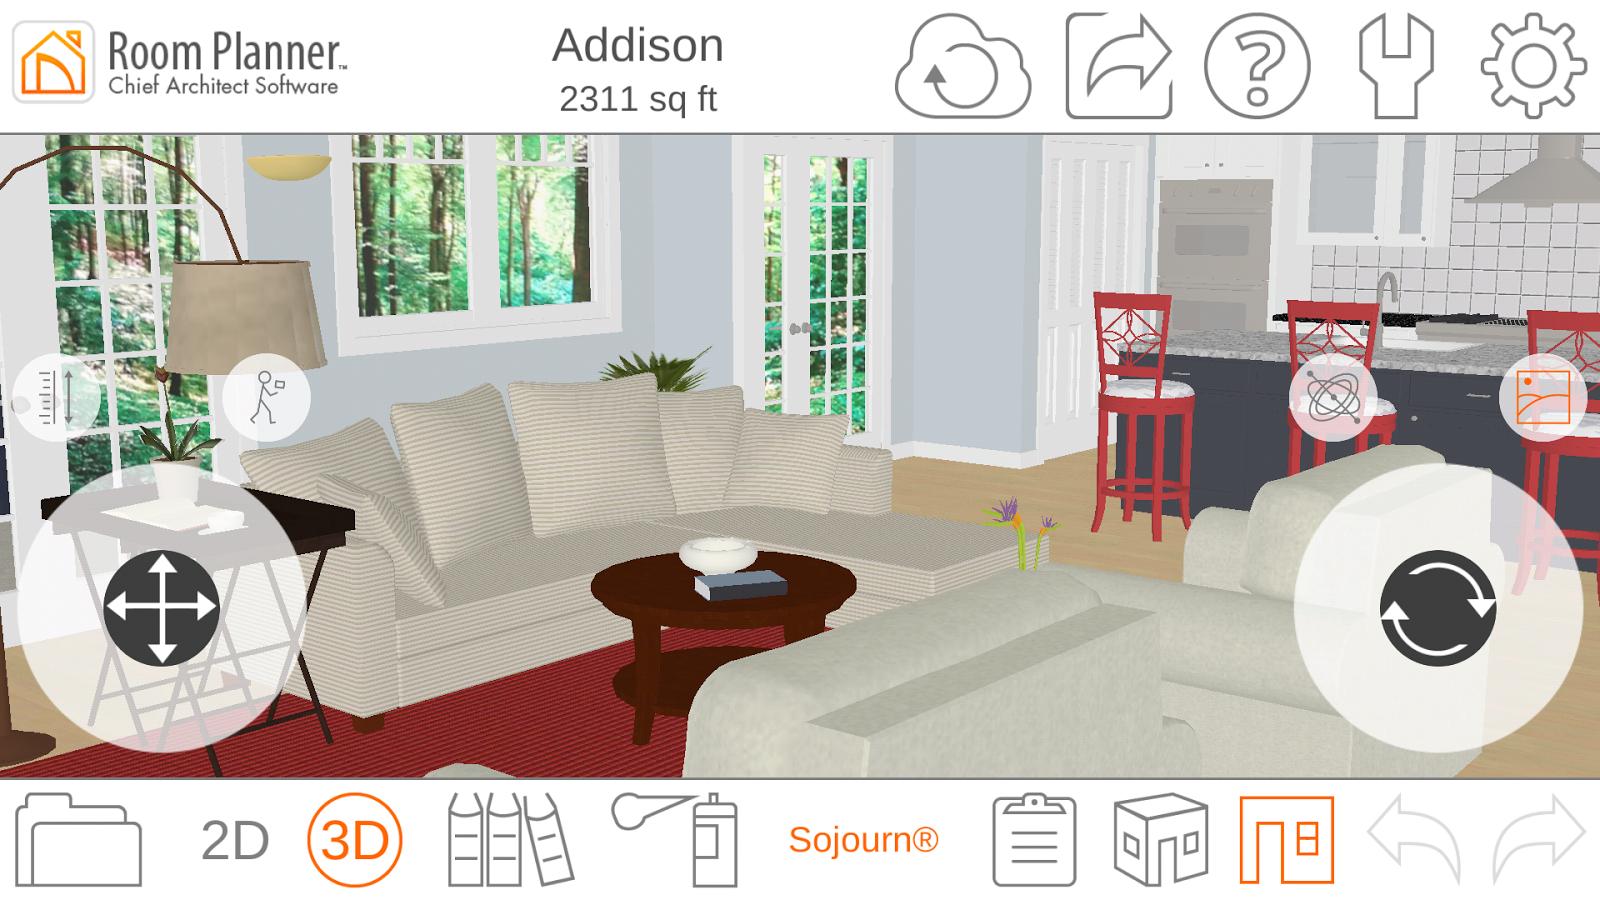 room planner le home design 4 3 0 apk download android room planner le home design 4 3 0 screenshot 1